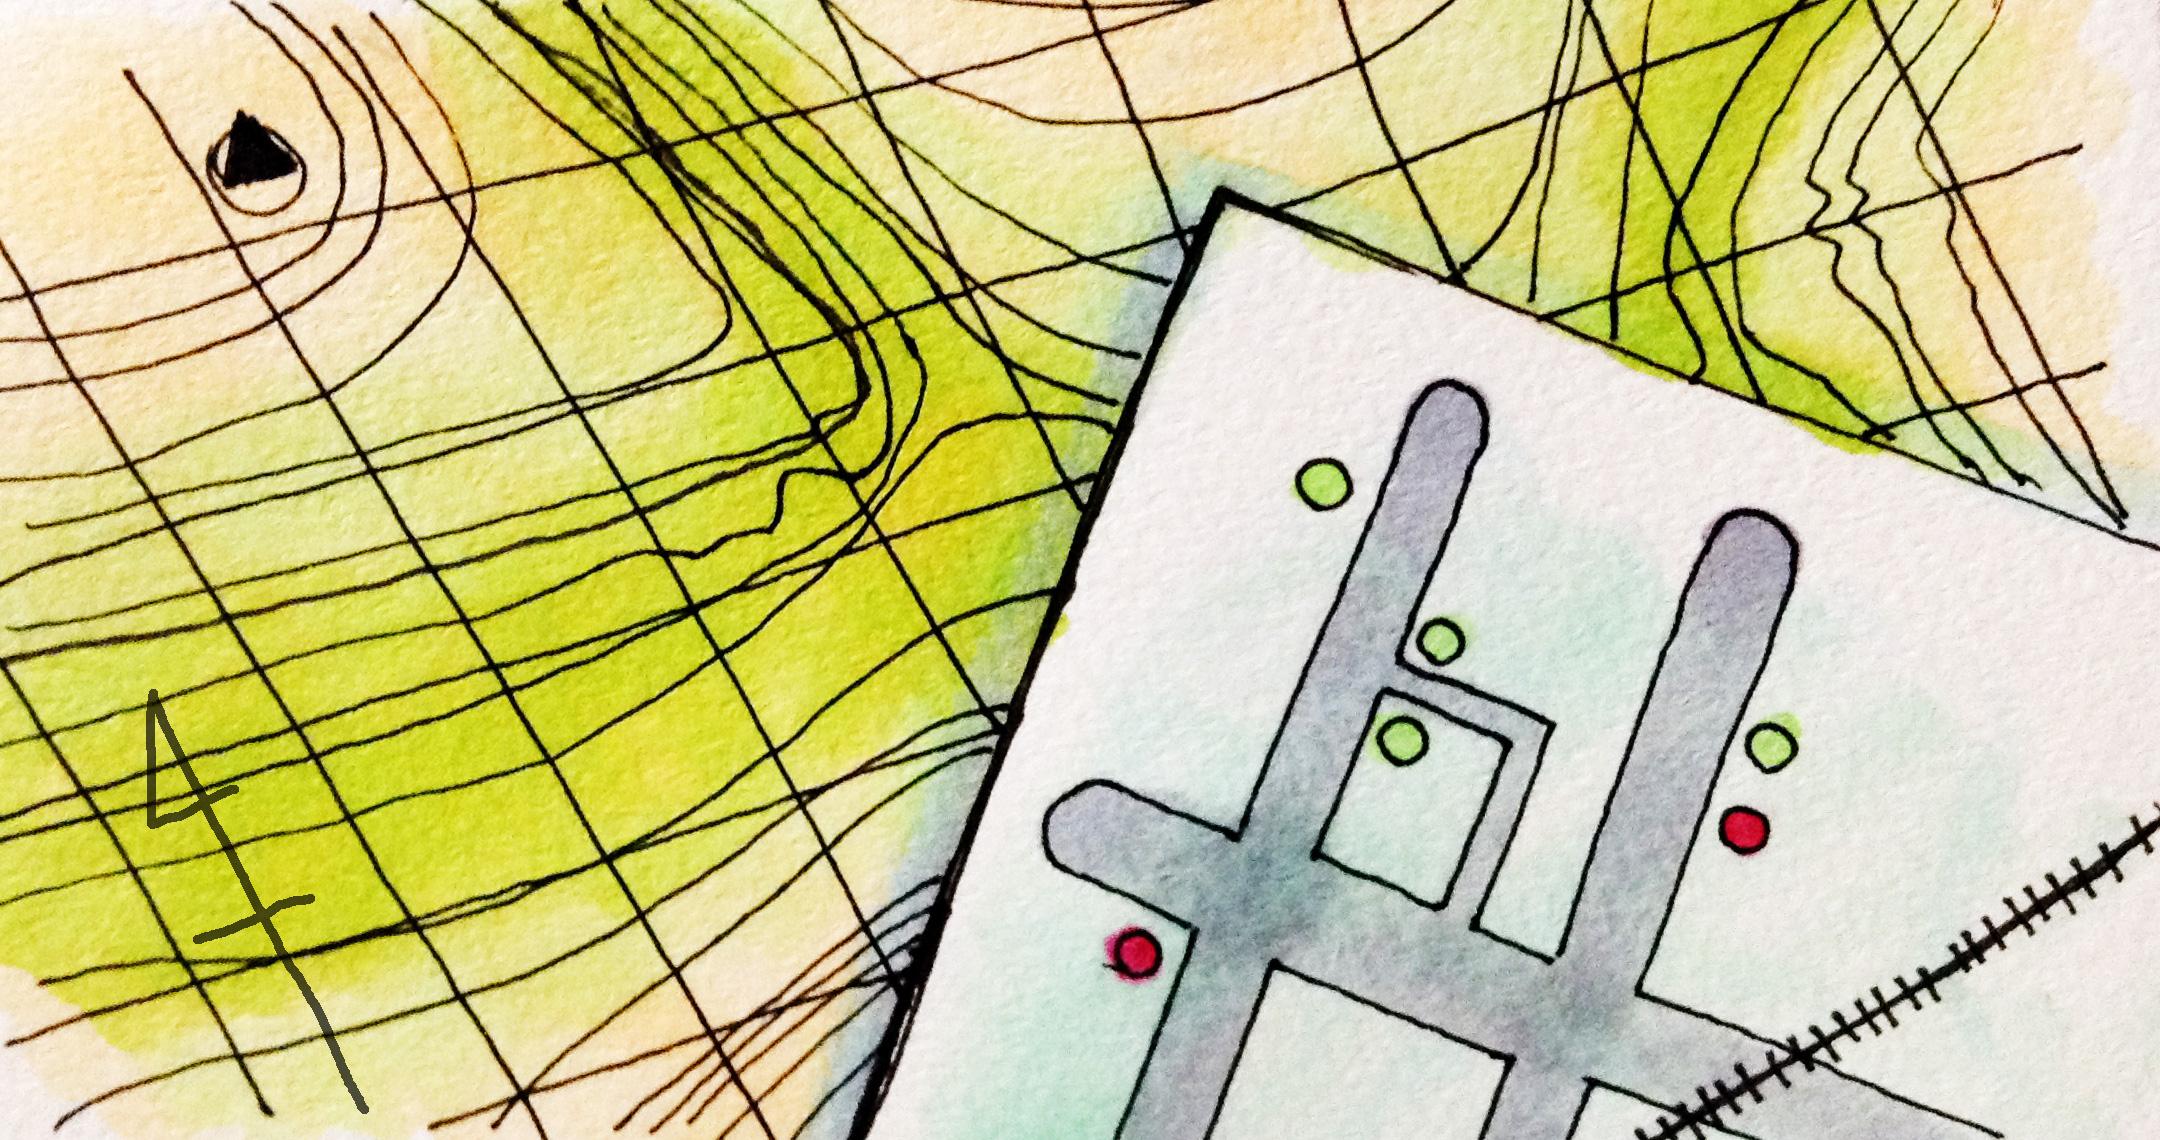 地図のイメージをコピックマーカーで描いたイラスト